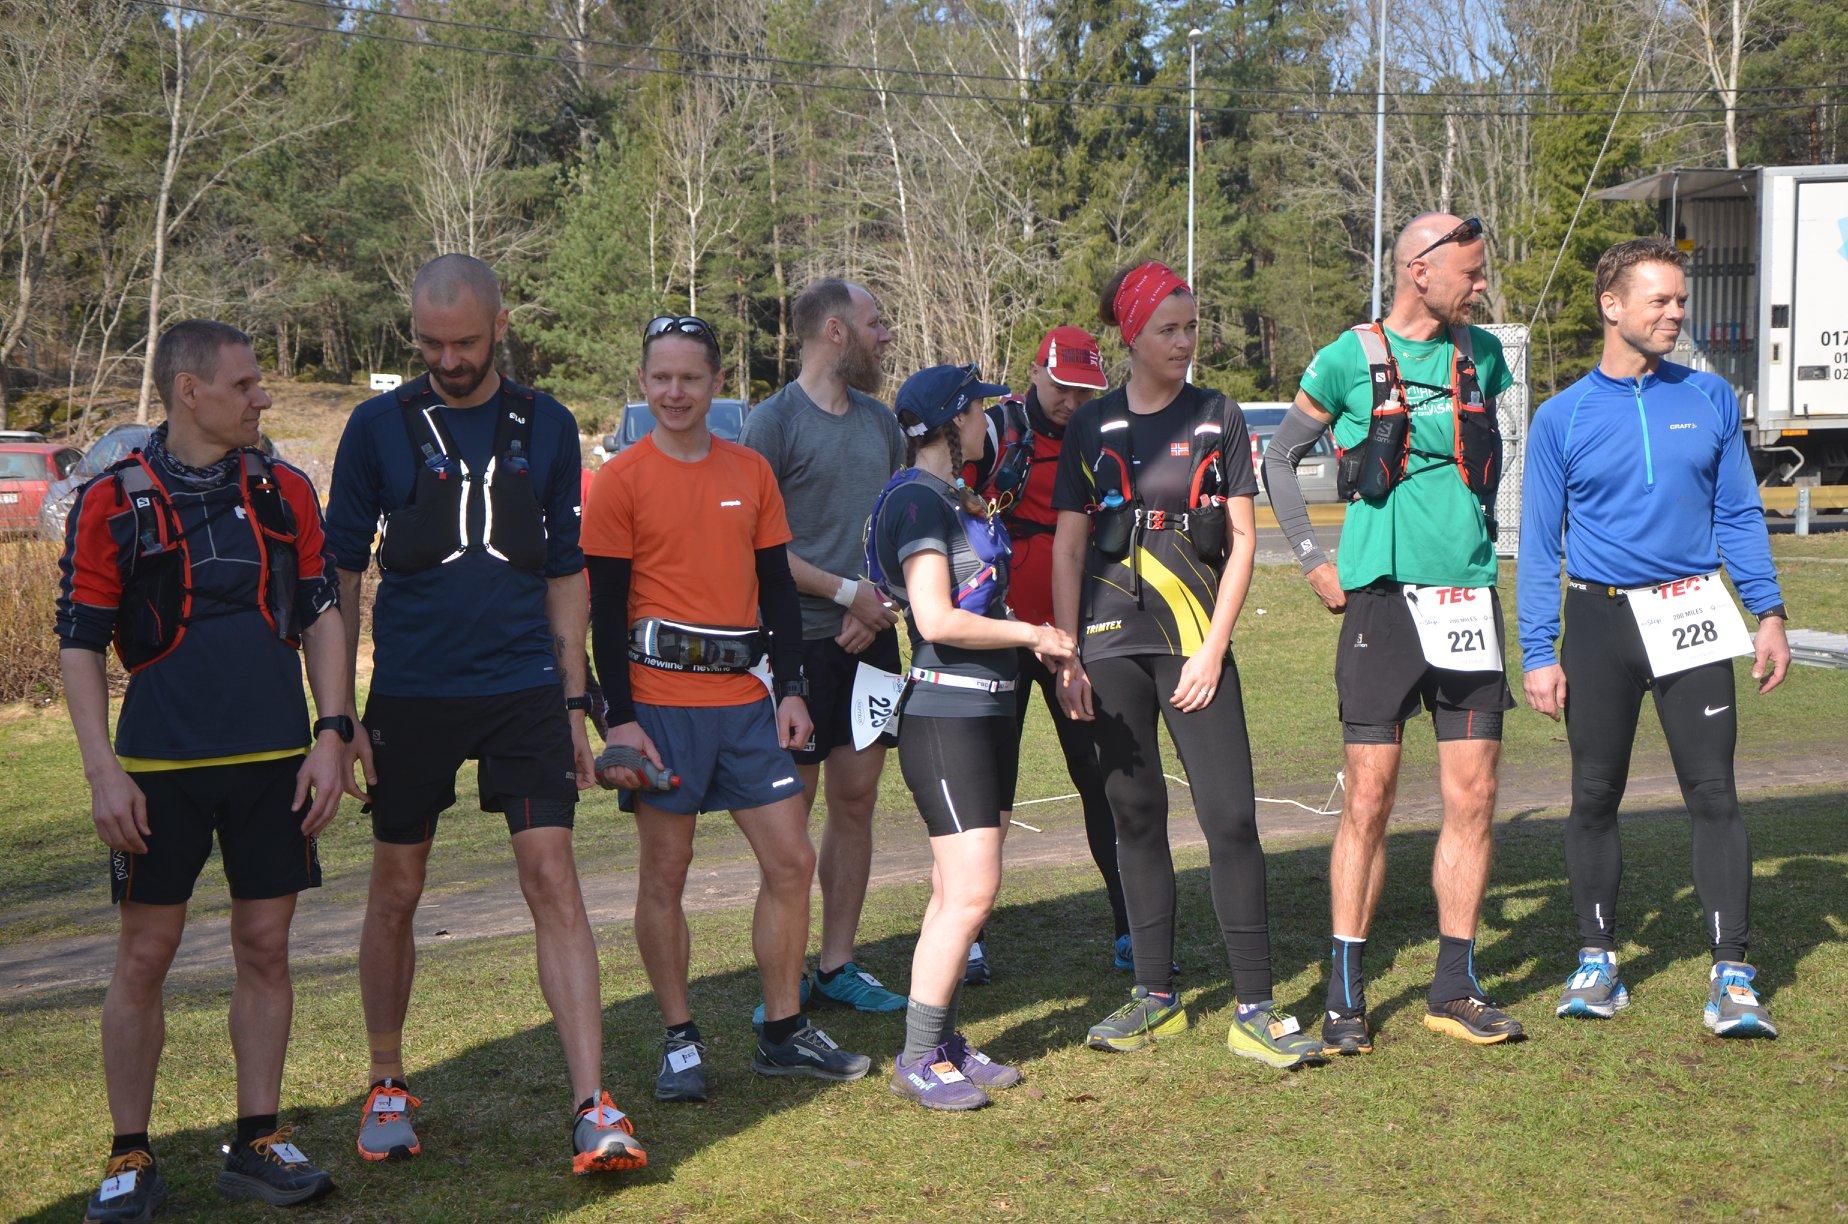 9 tappra löpare ställde upp på 200-miles. Från vänster: Martin Scharp, Mikael Hedman, Anders Hellner, Anders Brohäll, jag, Alexander (Acke) Scott,Øyunn Bygstad, Anders Norén och Joakim Ahlin. Av dessa gick bara Martin Scharp och Anders Norén i mål, men Øyunn, Acke och jag kämpade hela loppet ut trots att vi inte skulle klara distansen! Foto David Sundvall